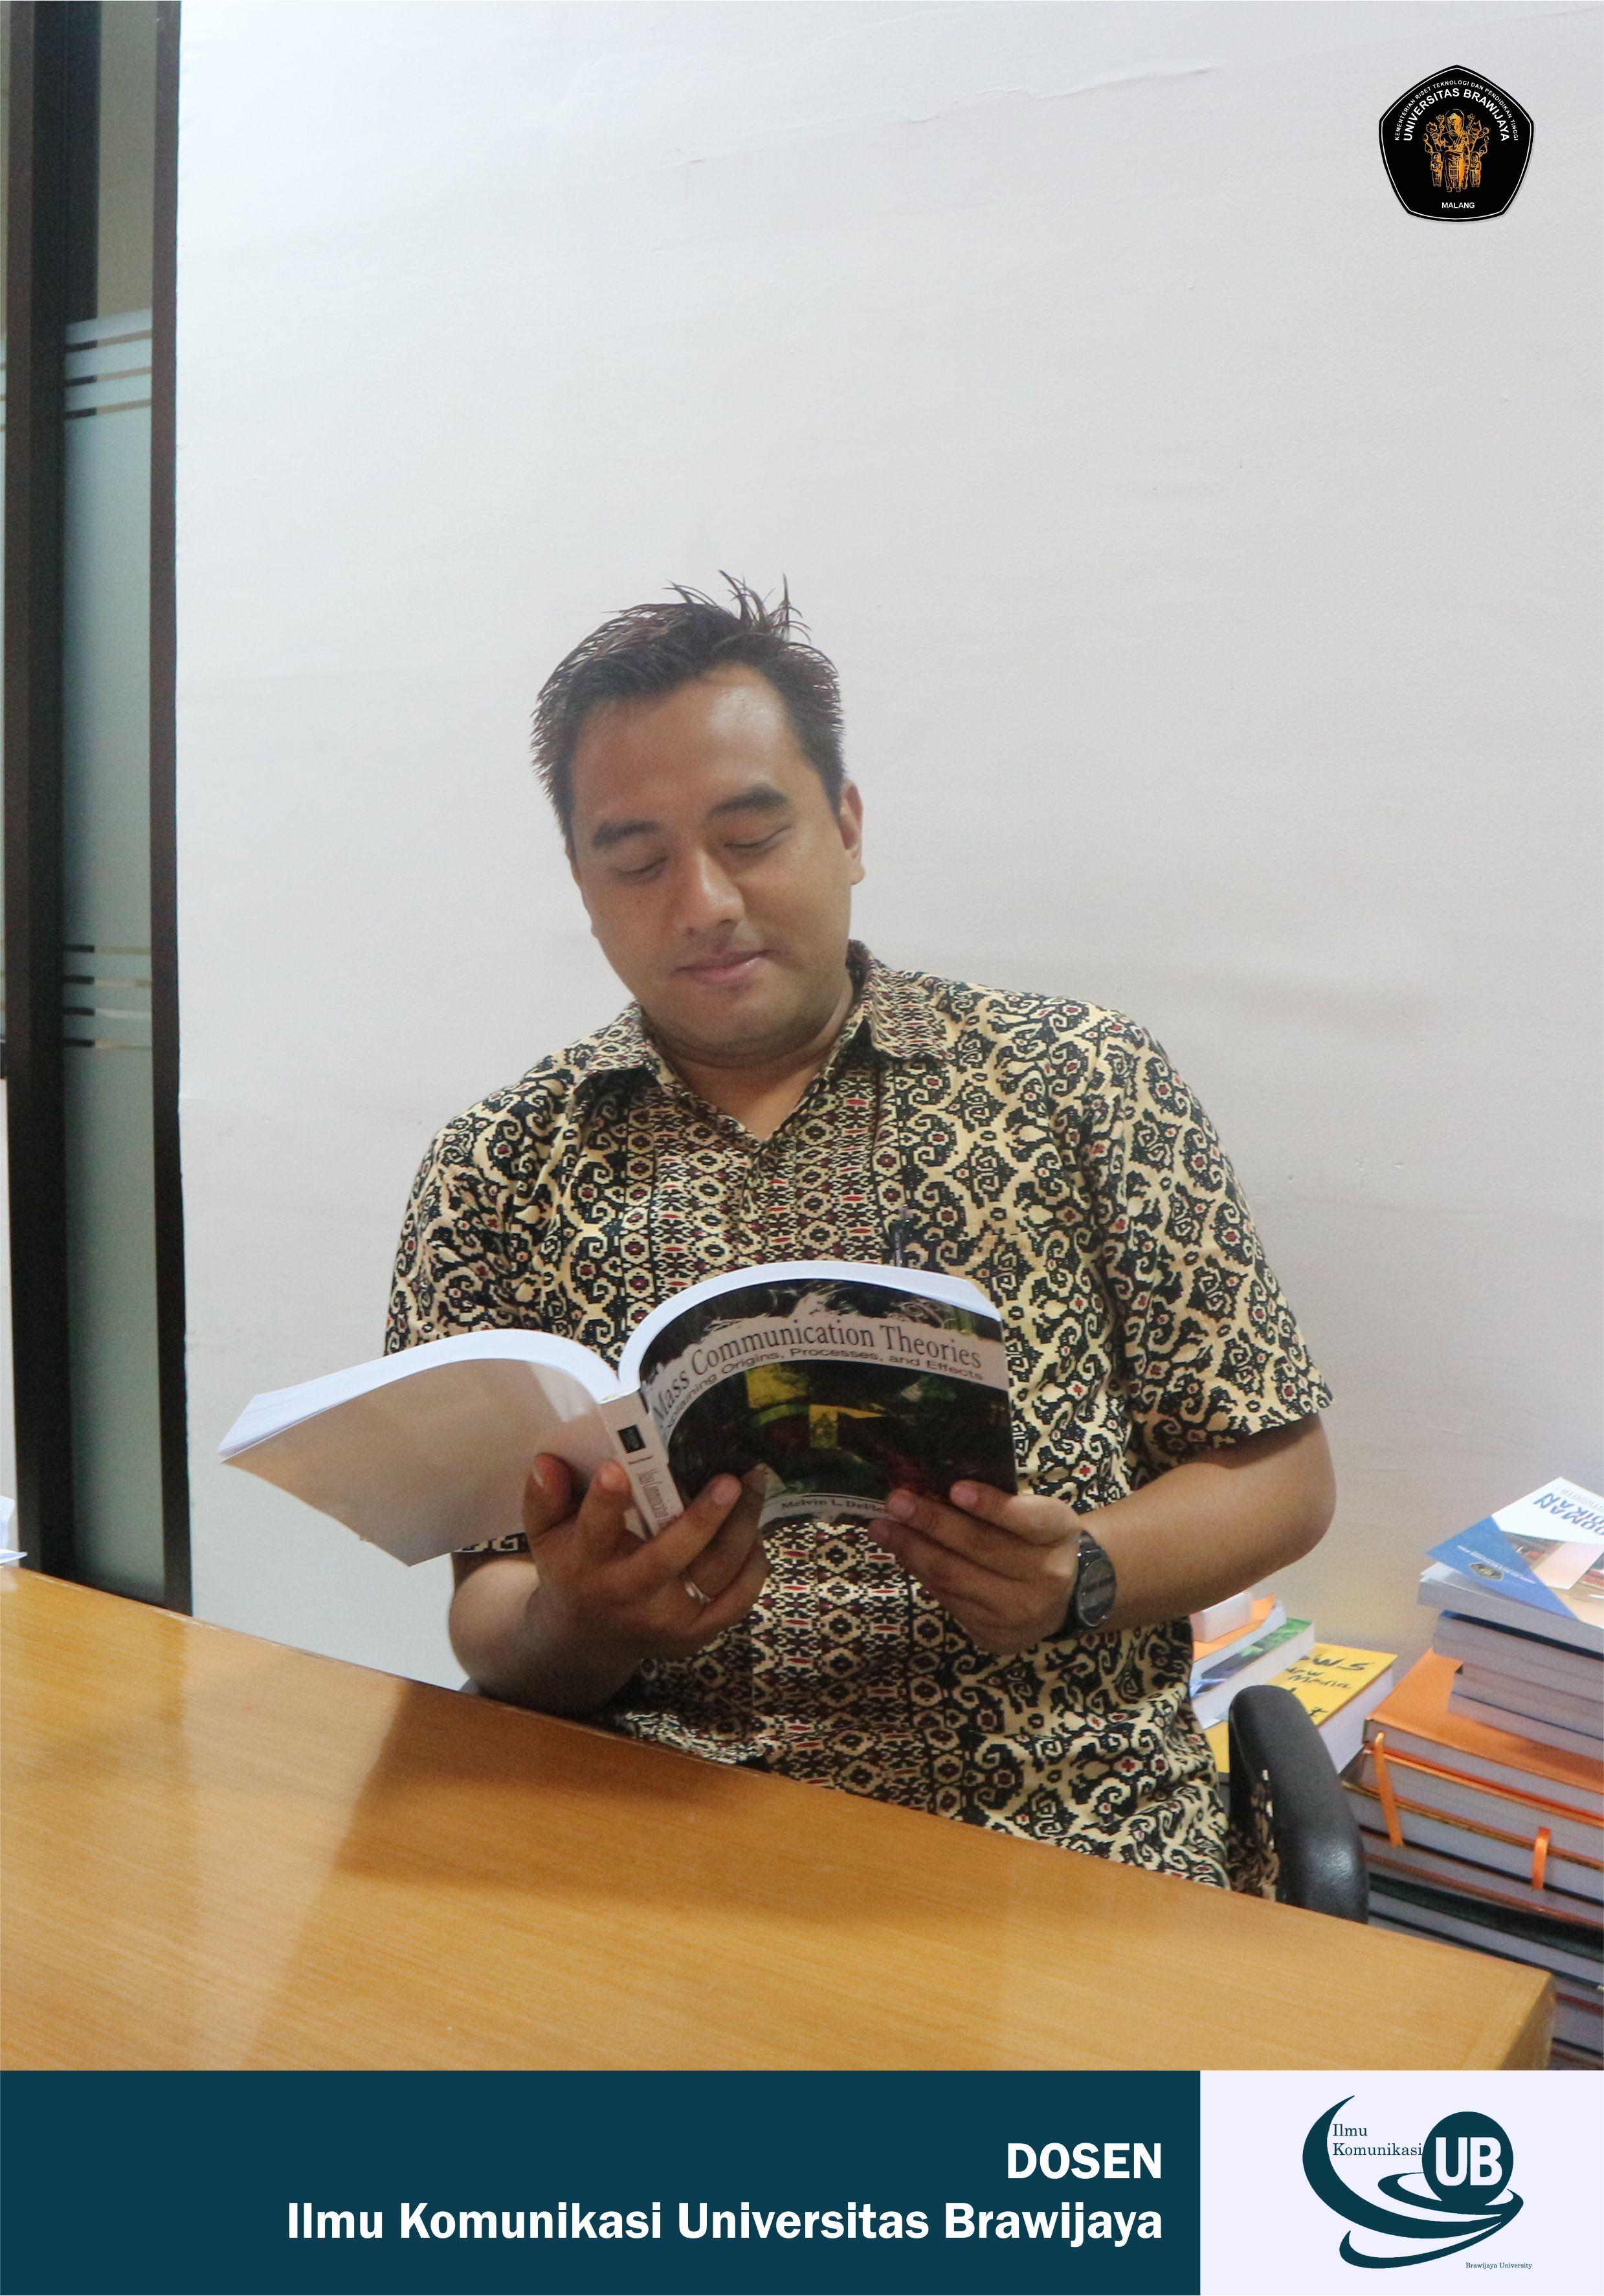 Arif Budi Prasetya, S.I.Kom, M.I.Kom